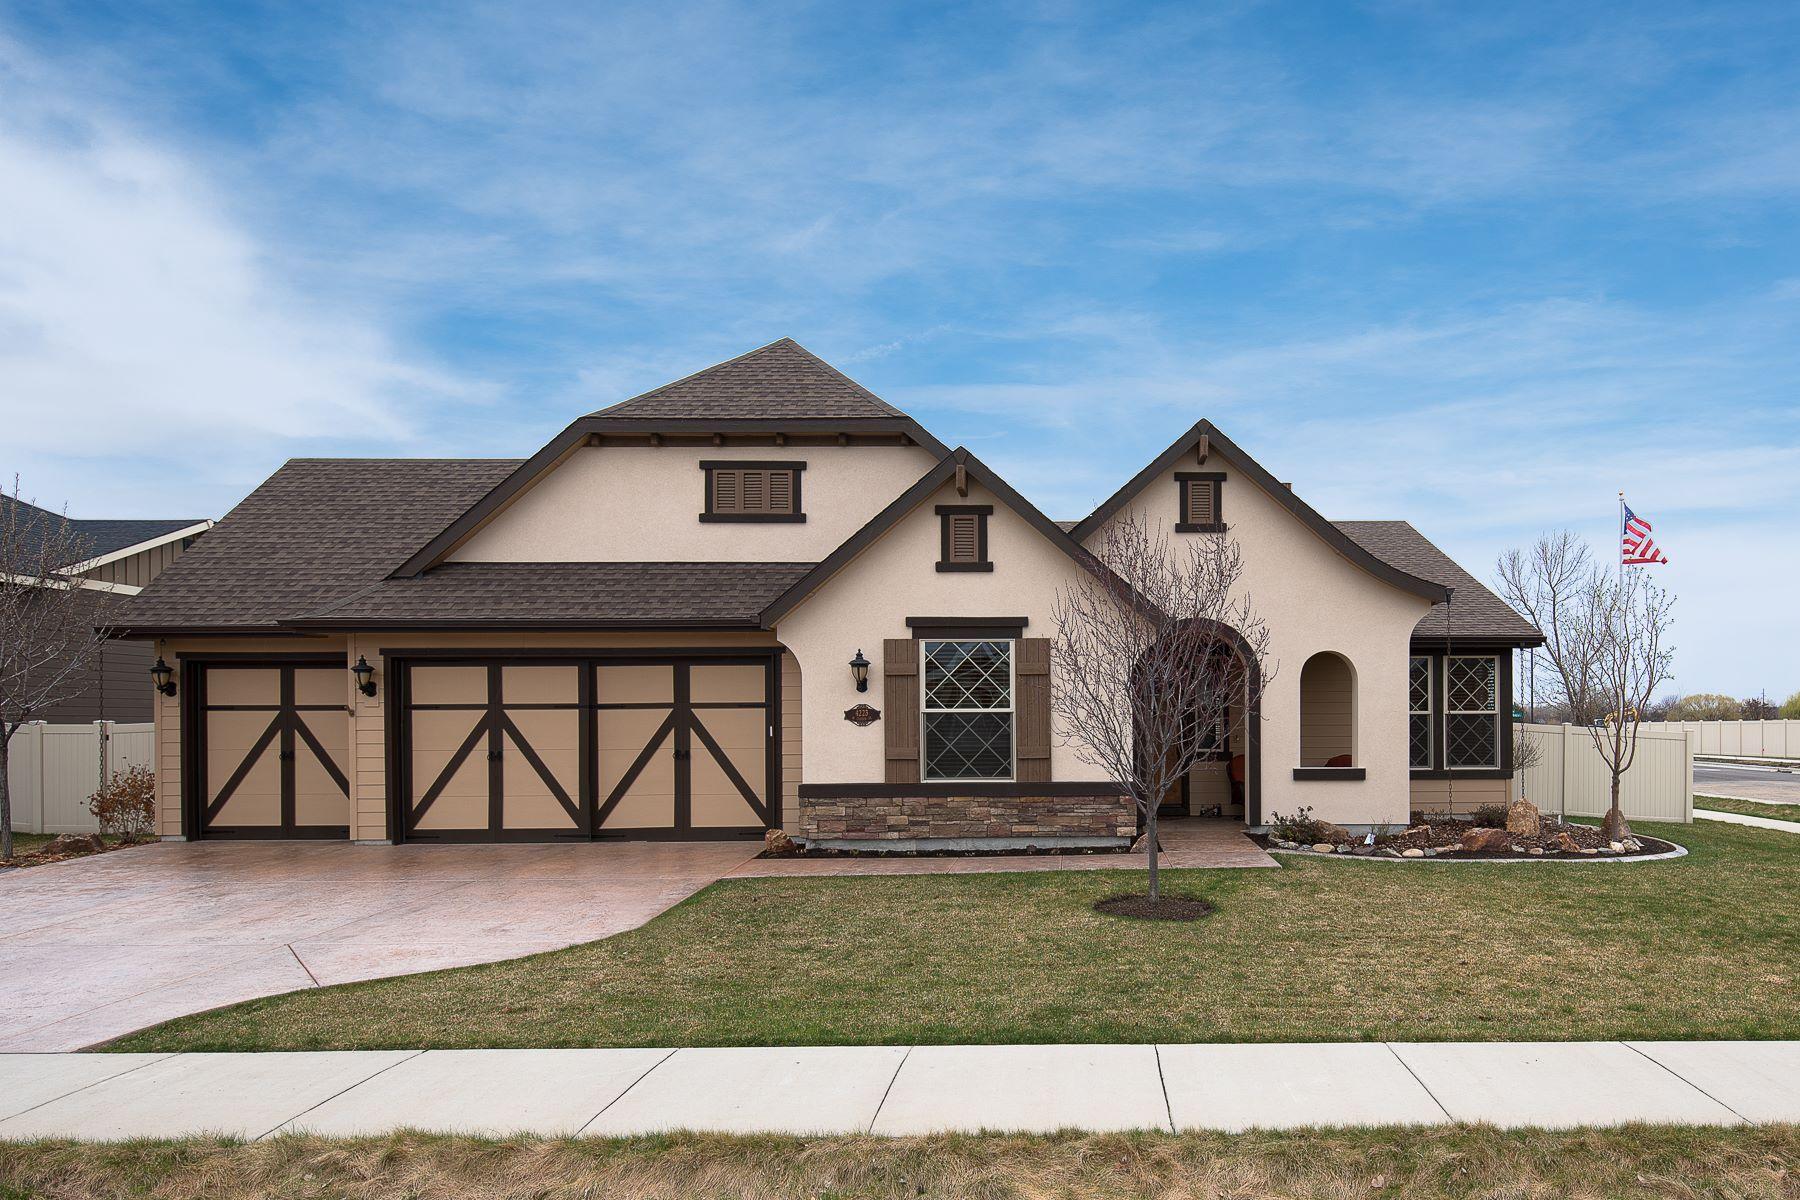 Maison unifamiliale pour l Vente à 4223 Cardon Street, Eagle 4223 W Cardon St Eagle, Idaho, 83616 États-Unis